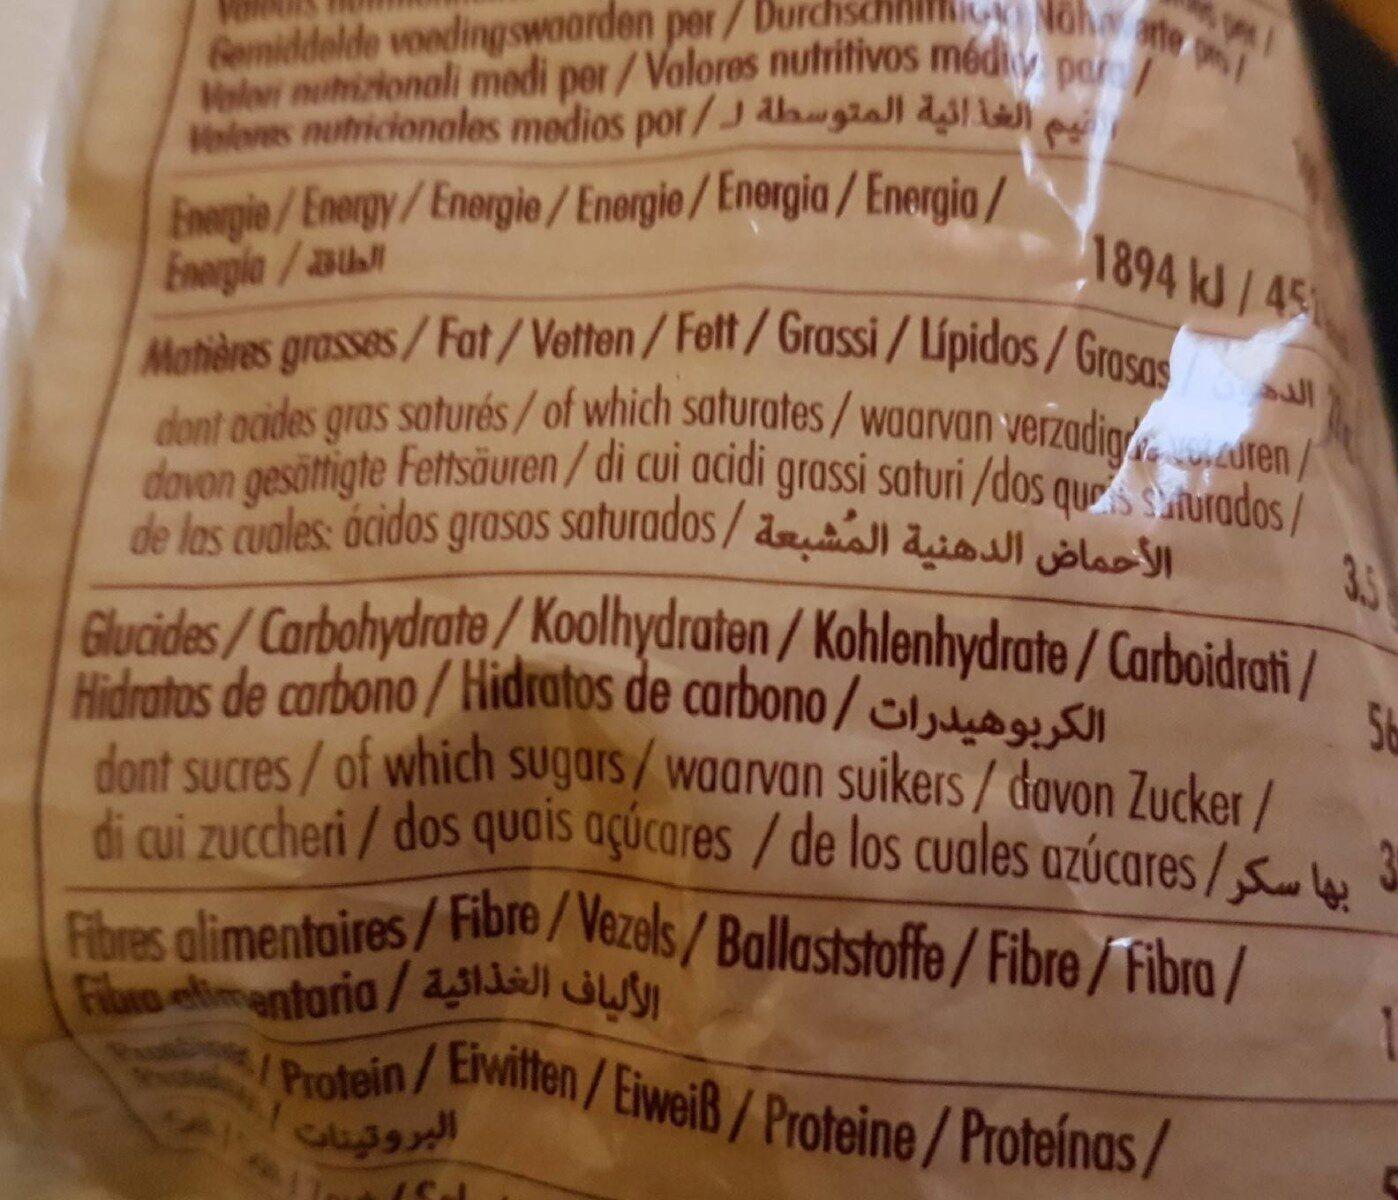 Mini madeleines - Informação nutricional - fr